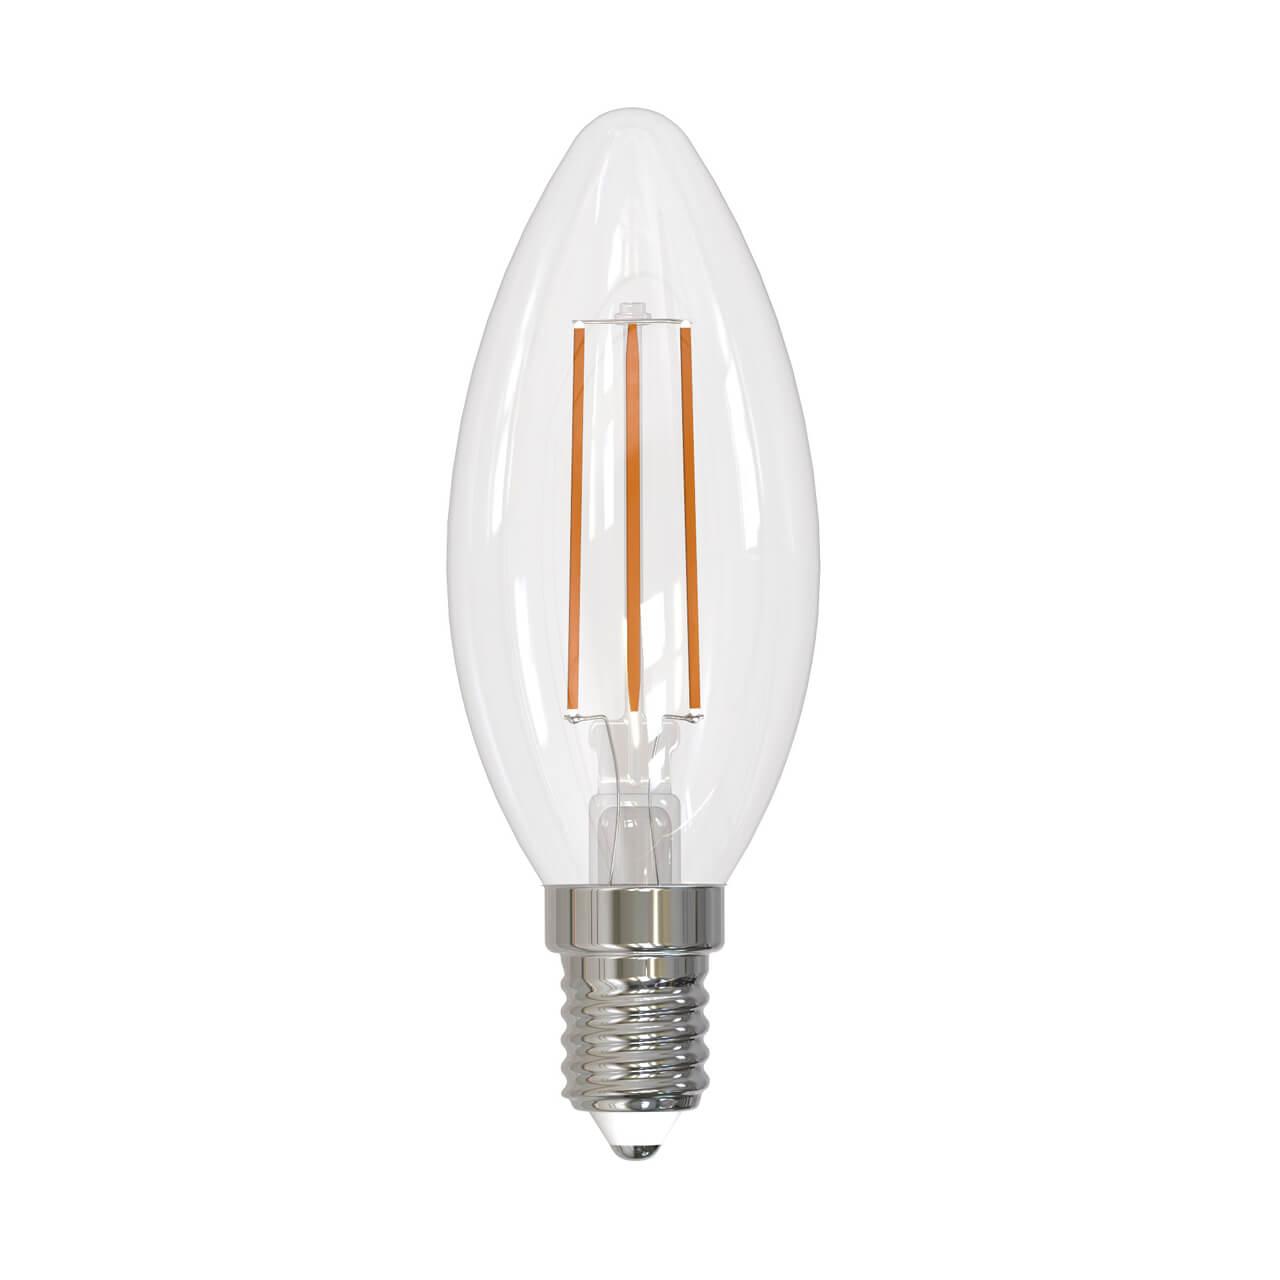 Лампа светодиодная филаментная диммируемая (UL-00005185) Uniel E14 9W 3000K прозрачная LED-C35-9W/3000K/E14/CL/DIM GLA01TR